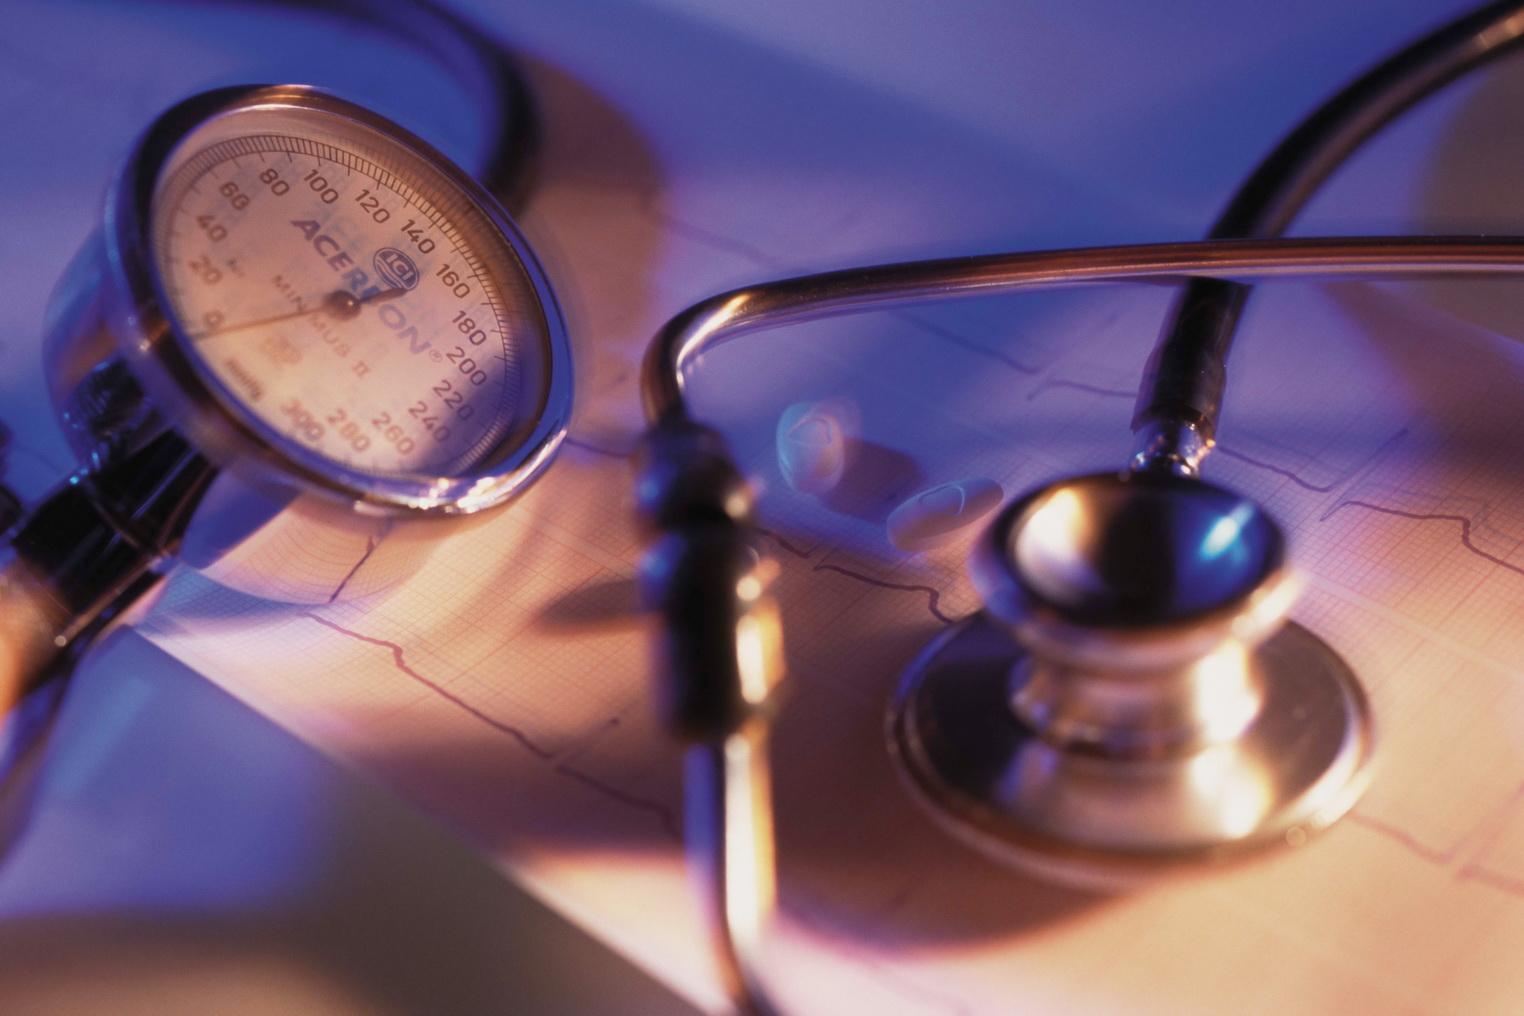 На расширенном коллегиальном собрании управления здравоохранительных органов Алматы подведены годовые итоги 2012